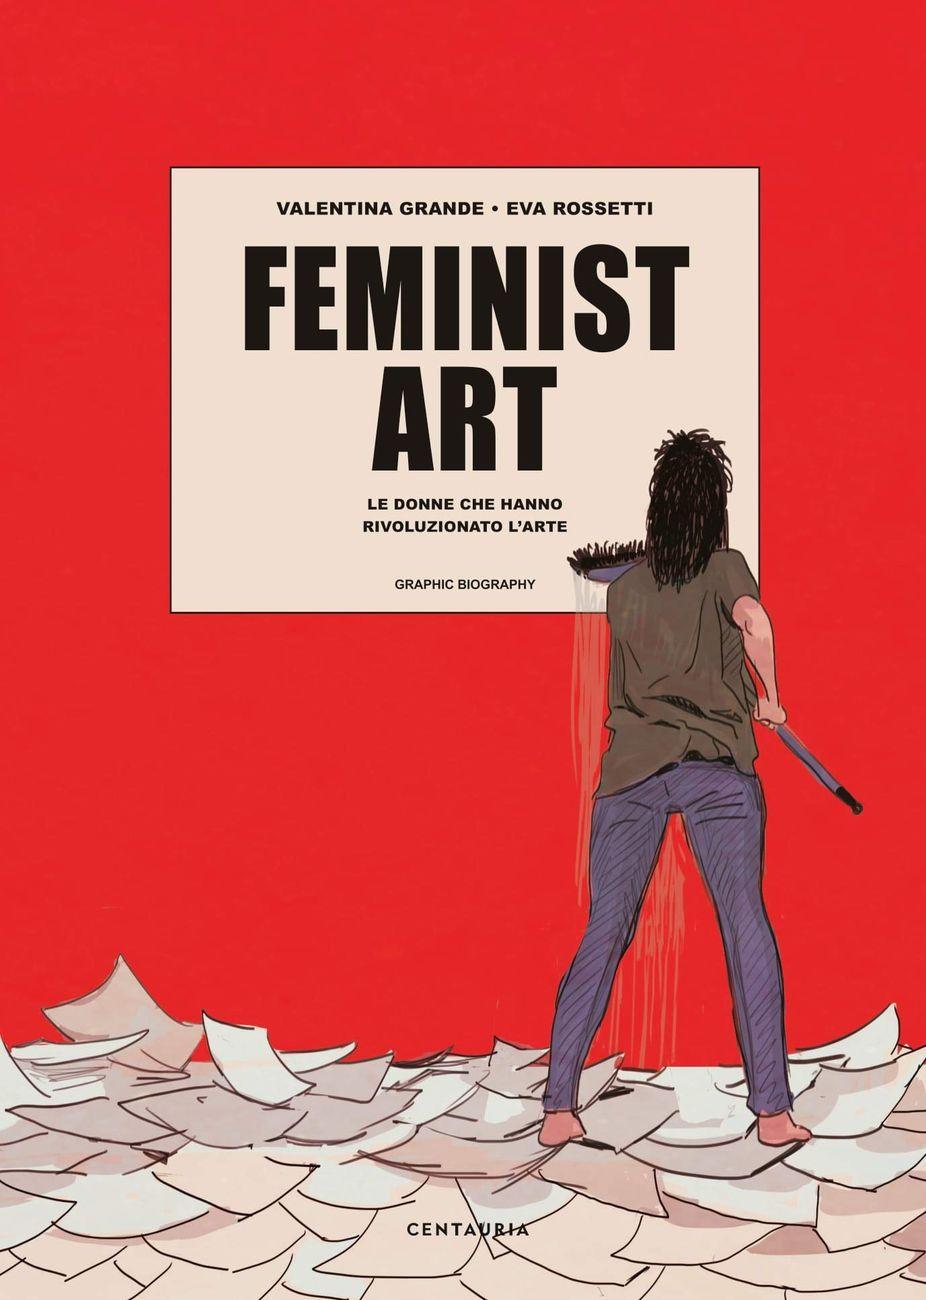 Valentina Grande & Eva Rossetti – Feminist Art (Centauria, Milano 2020)